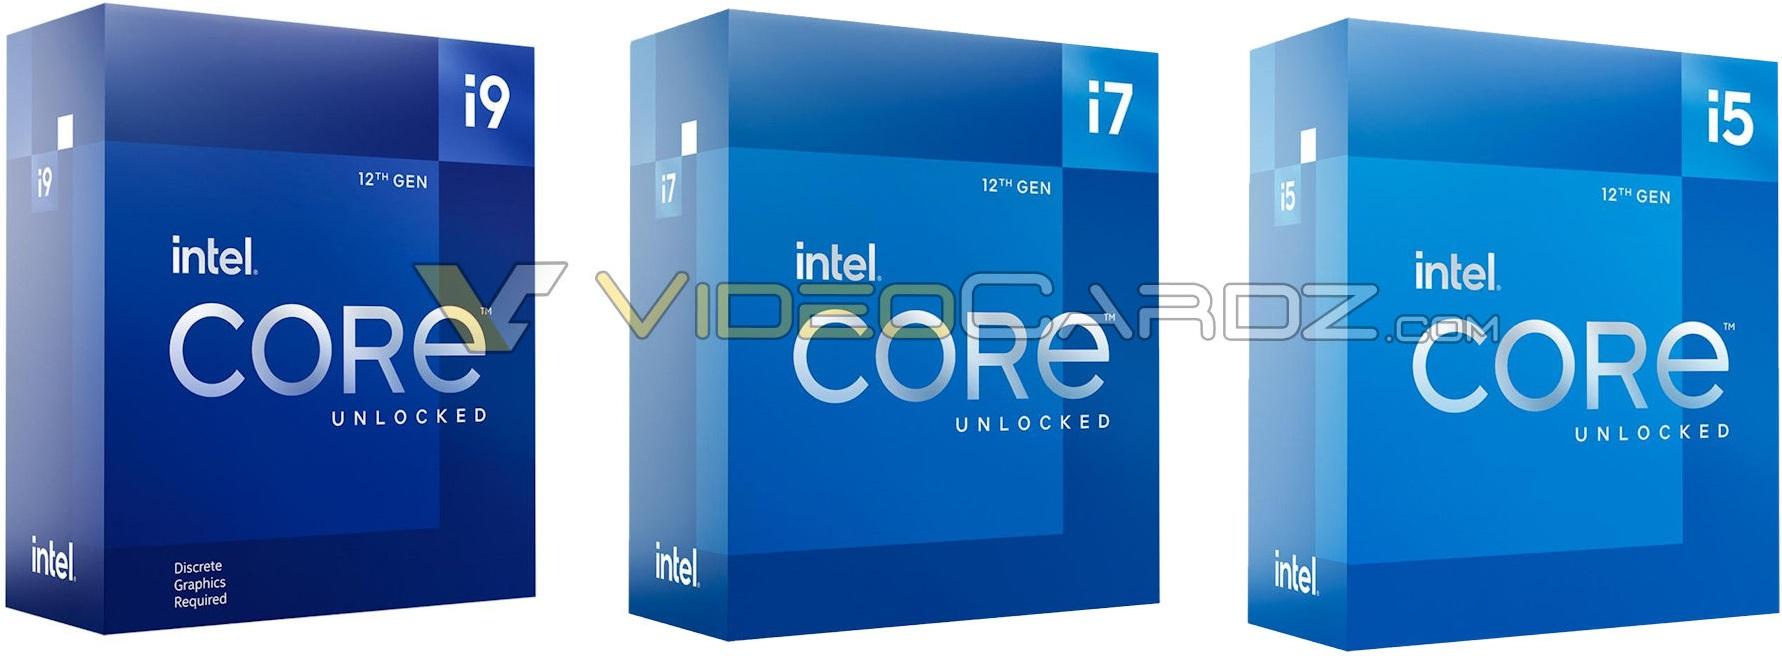 В Китае инженерный образец Intel Core i9-12900K можно приобрести за $700